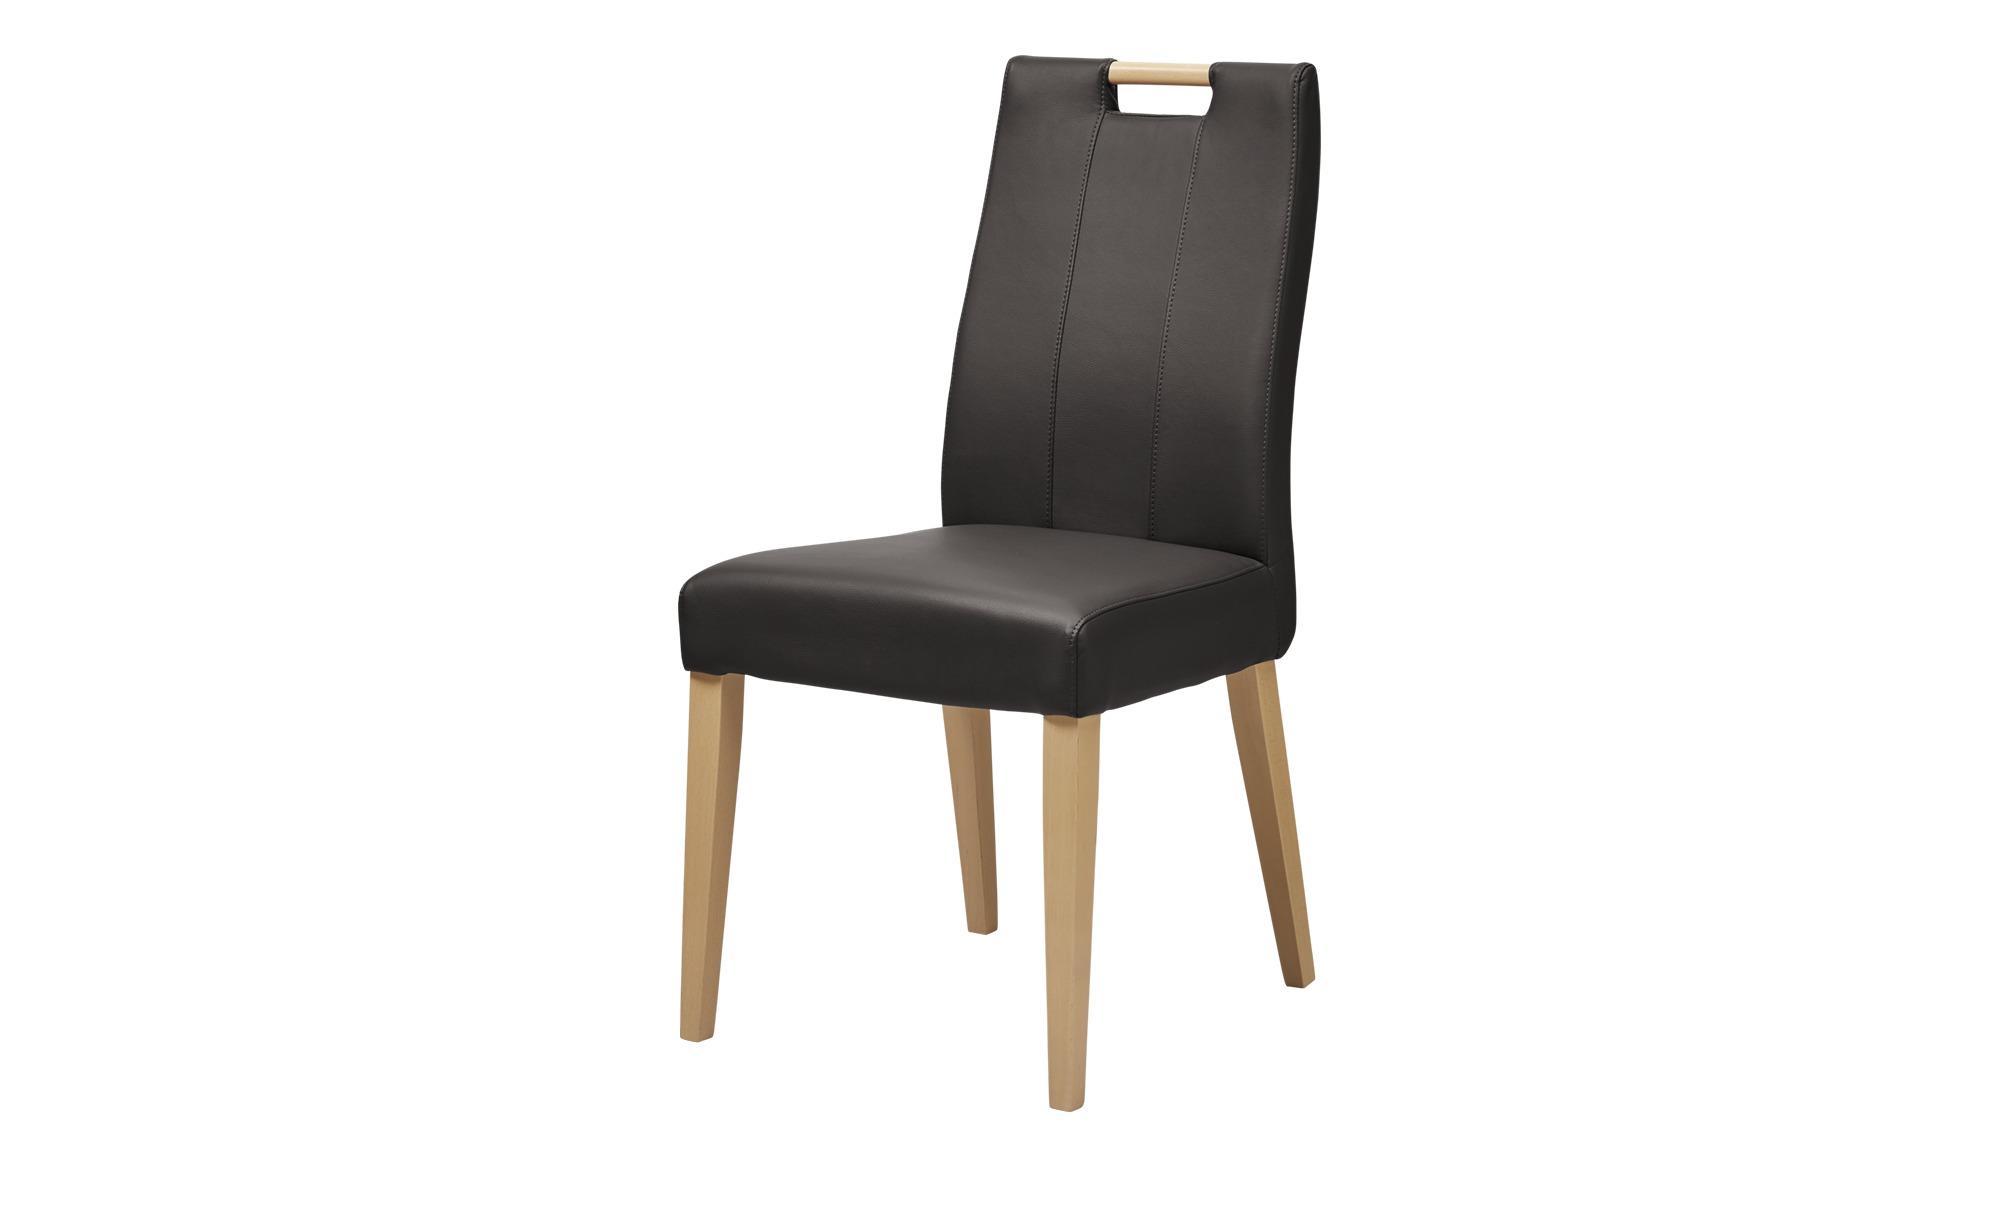 Woodford Stuhl Vivien braun 47 cm 96 cm 59 cm Stühle > Esszimmerstühle Möbel Kraft